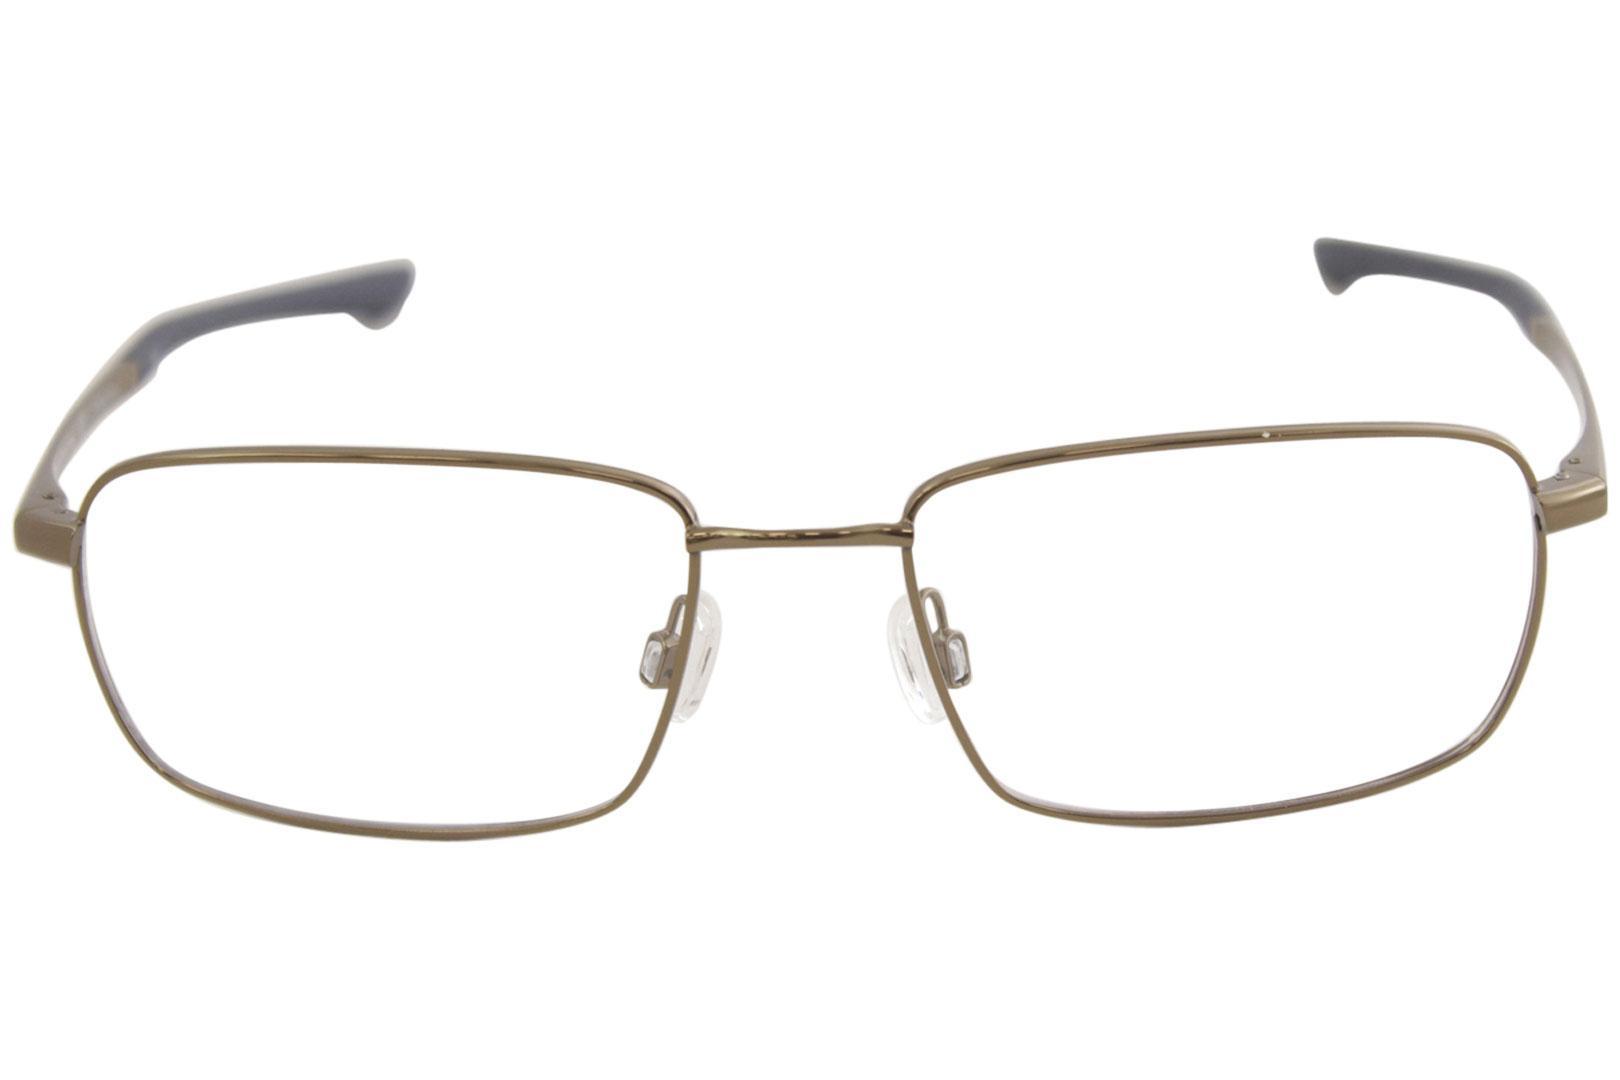 f3941b517ac9 Nike Men's Eyeglasses 4294 Full Rim Flexon Optical Frame